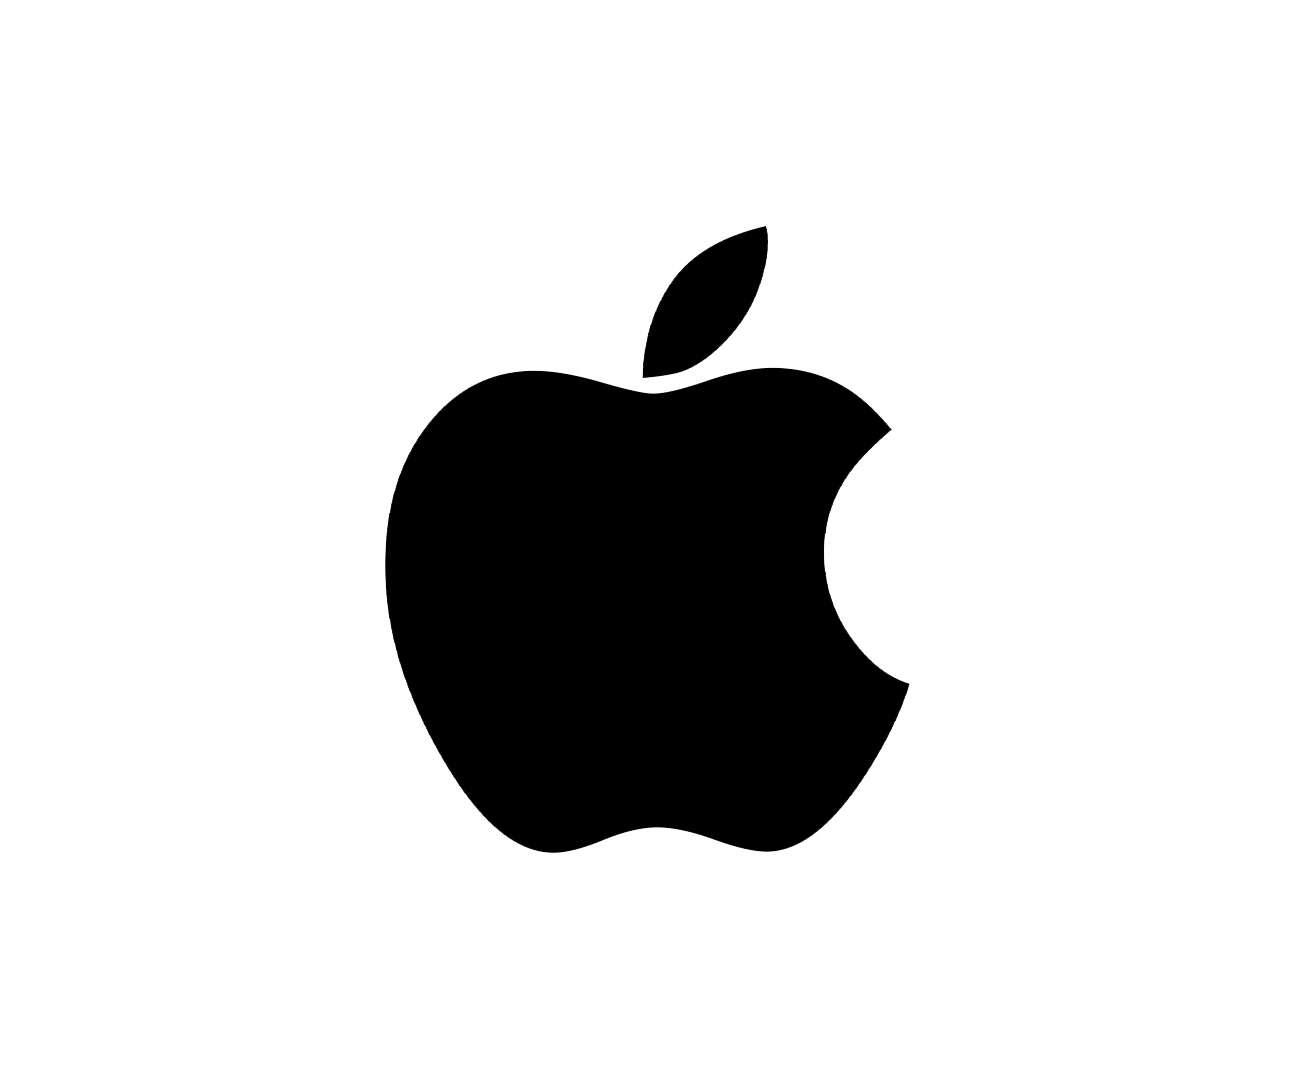 Lista zmian iOS 14.4 – Co nowego w systemie Apple?